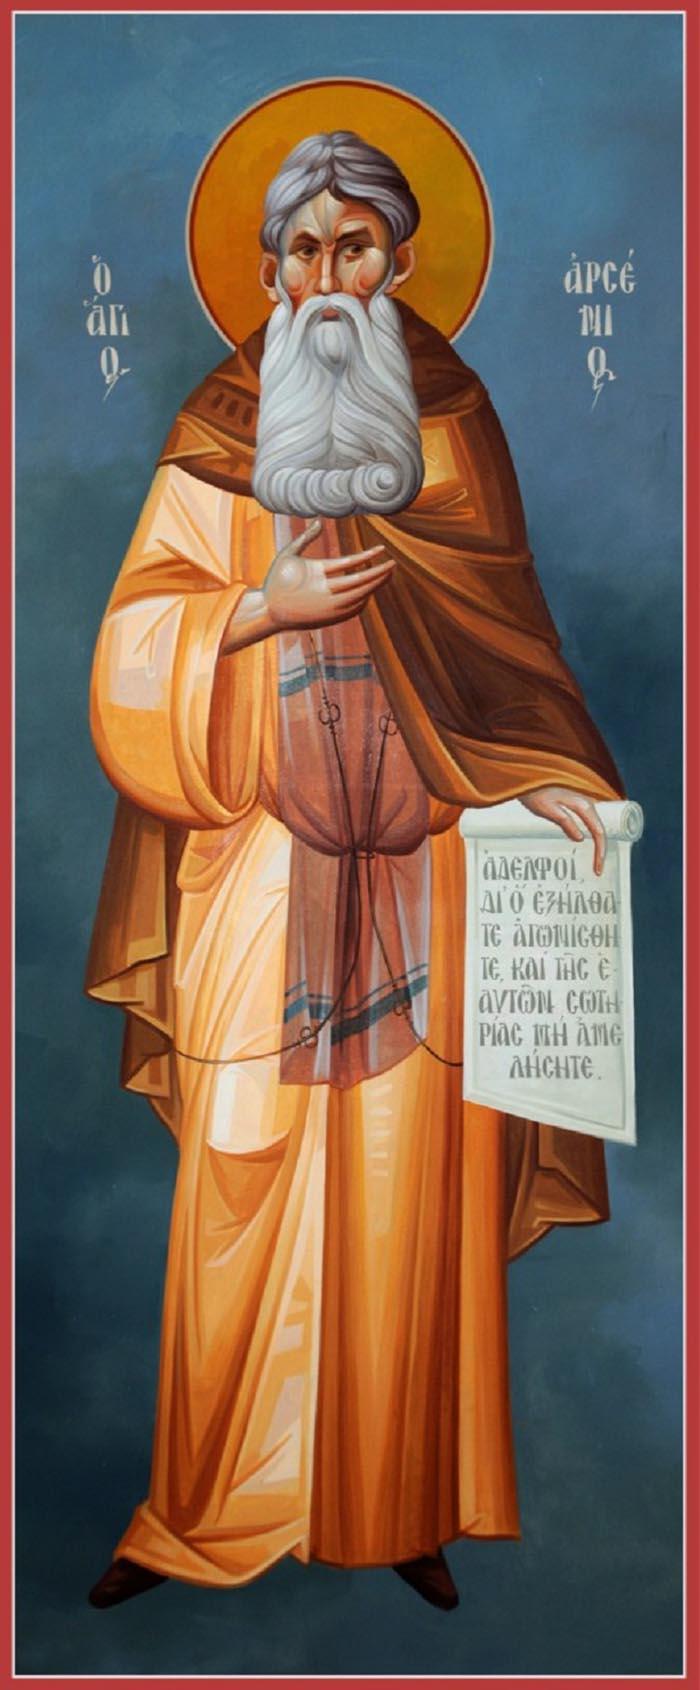 Молитвы преподобному Арсению Великому